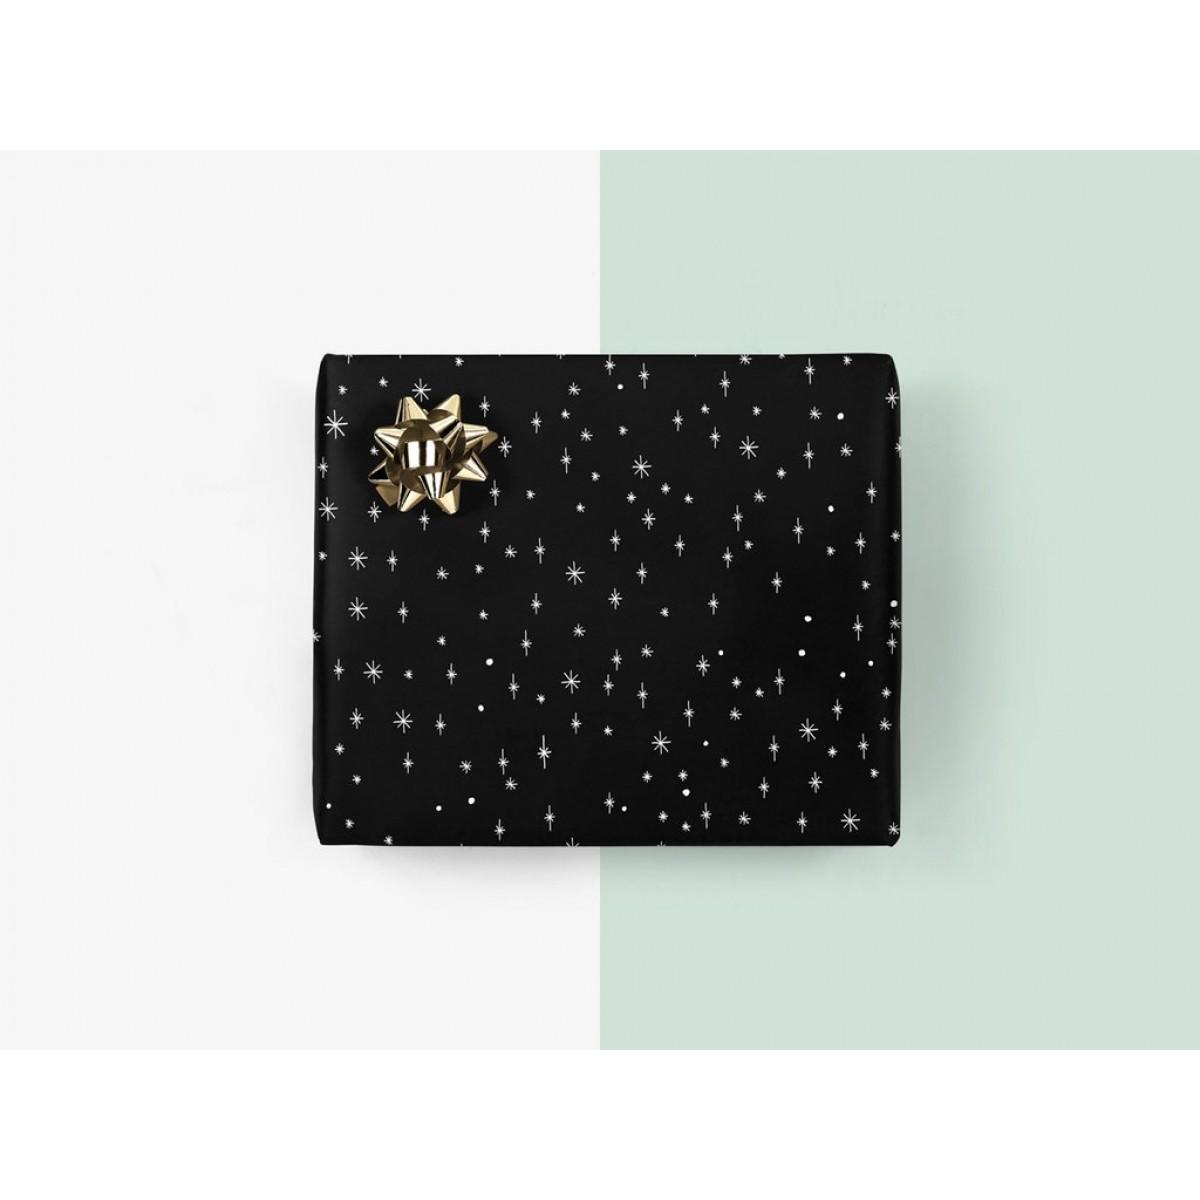 5x Geschenkpapier / Sternenhimmel (gefaltet)